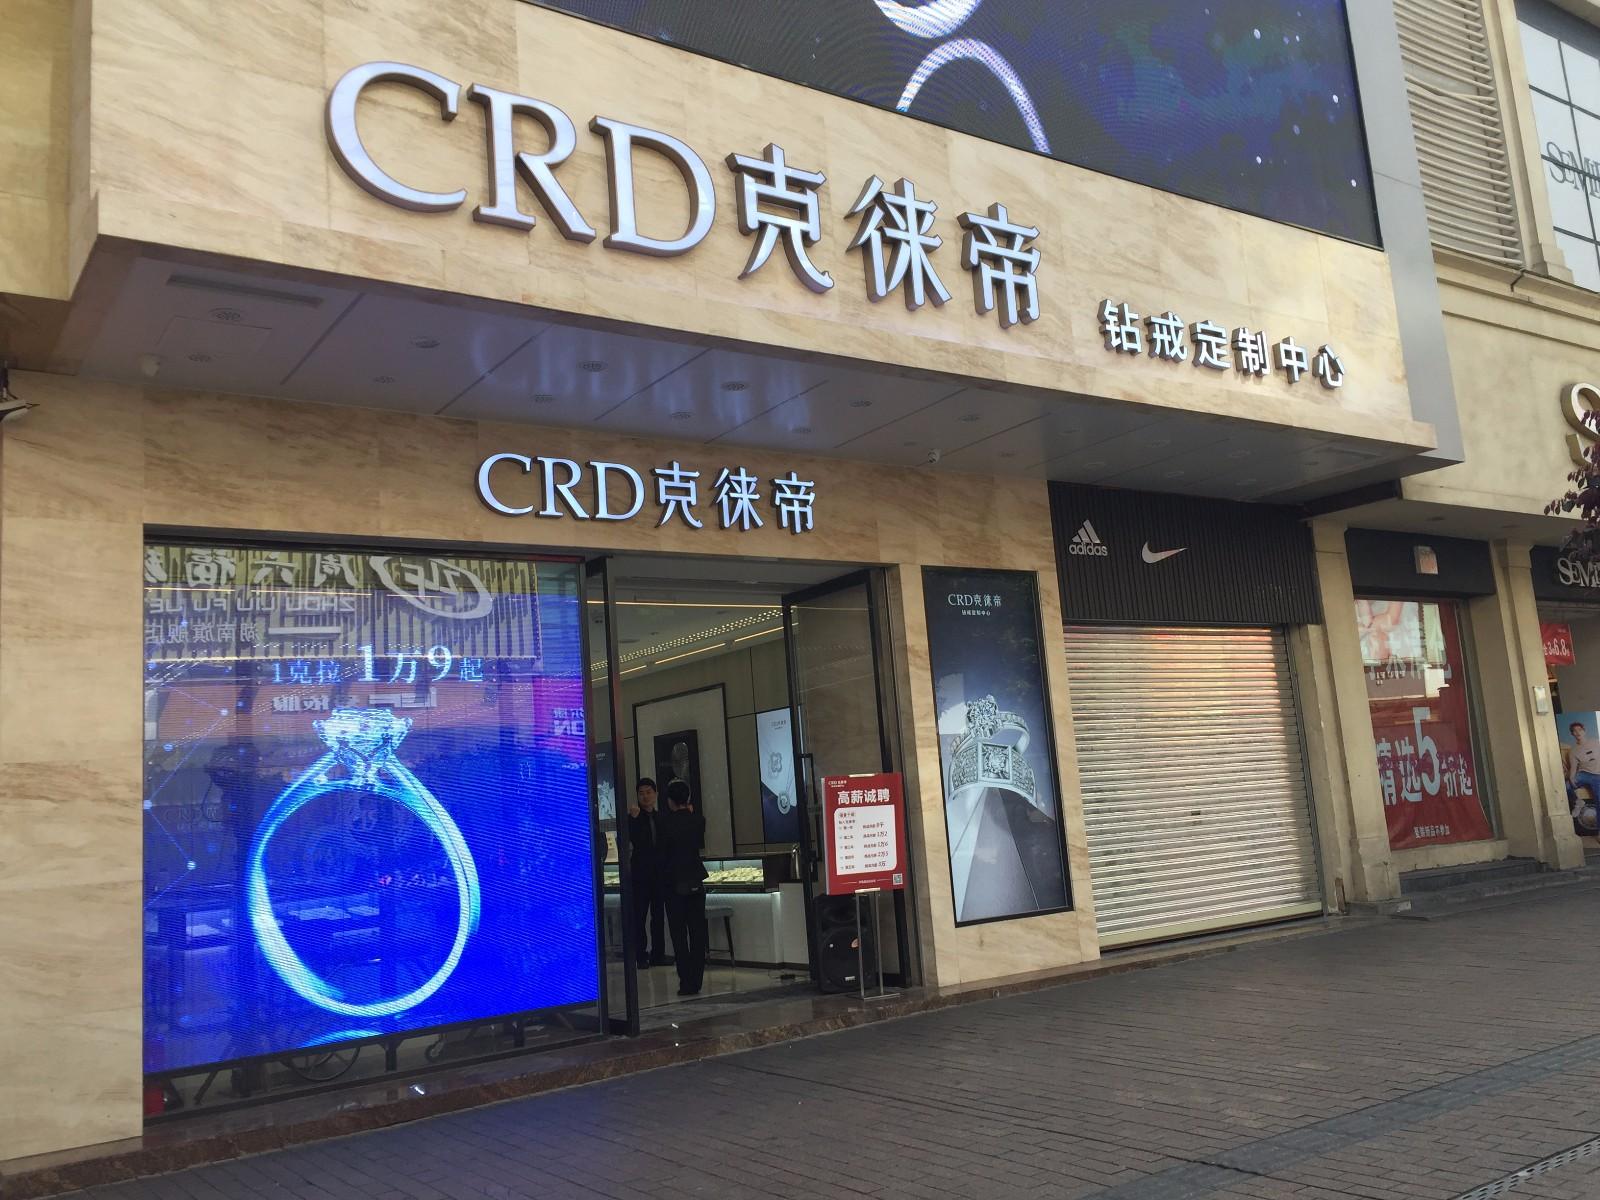 CRD克徕帝长沙司门口店